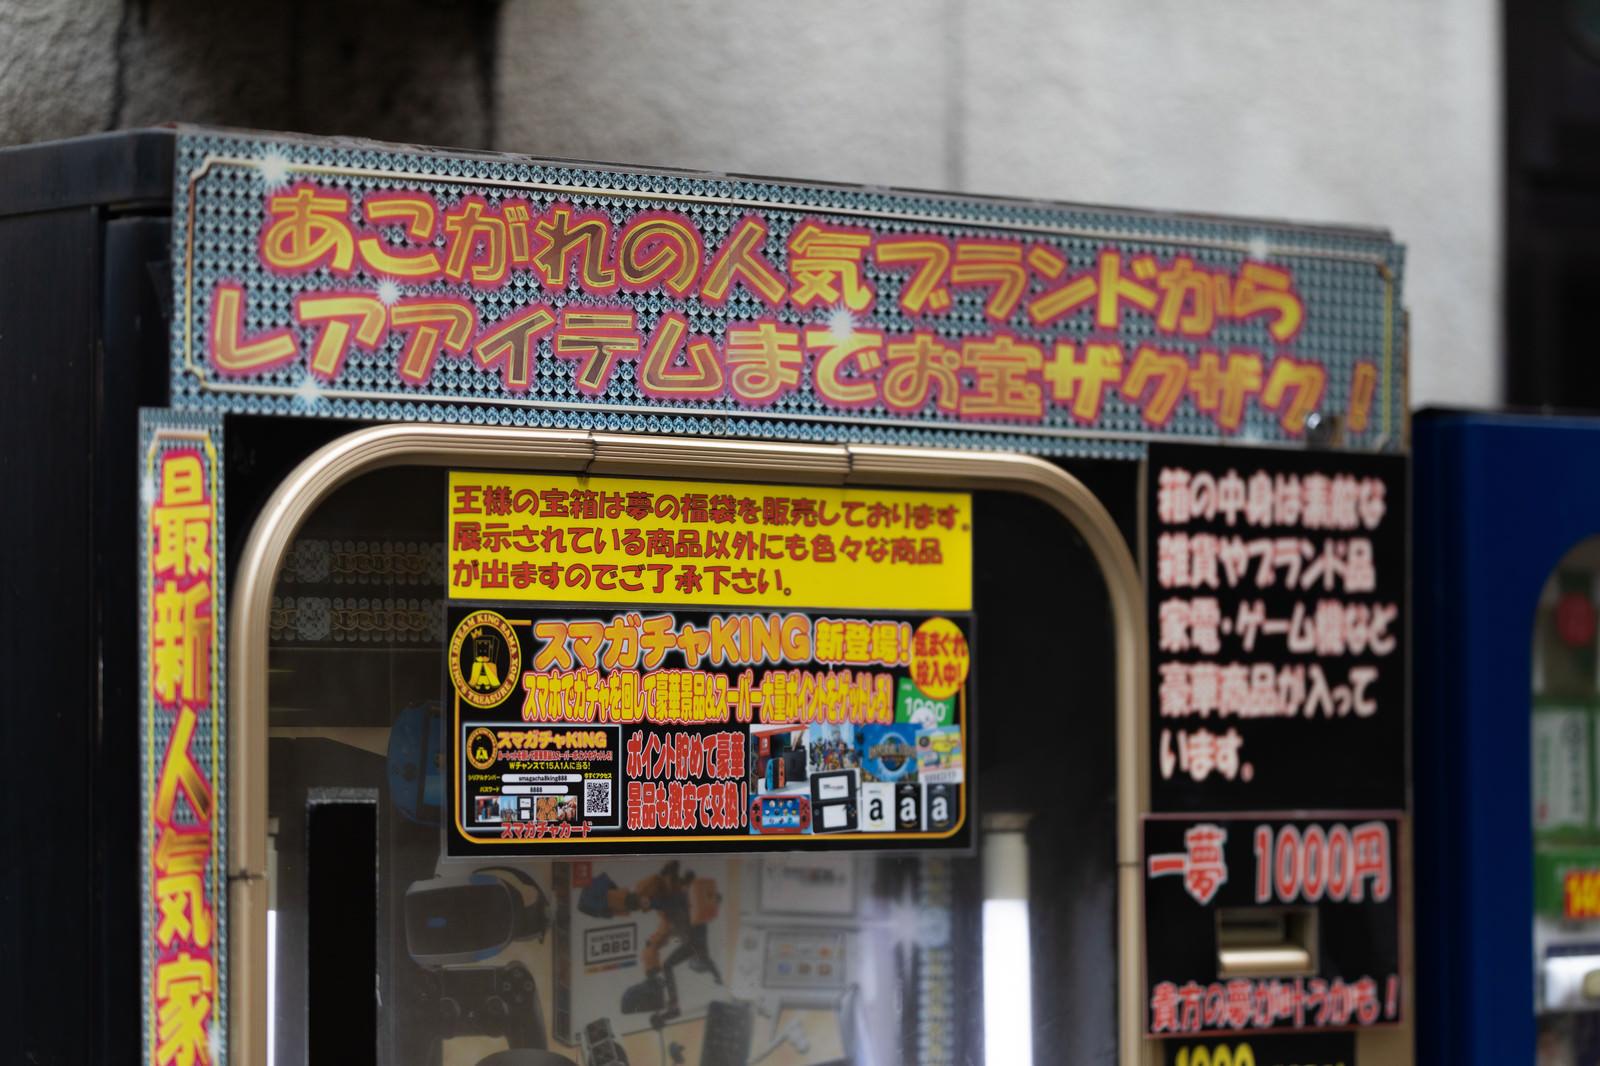 「高級品や人気ブランド品が出てくるガチャ自販売機」の写真